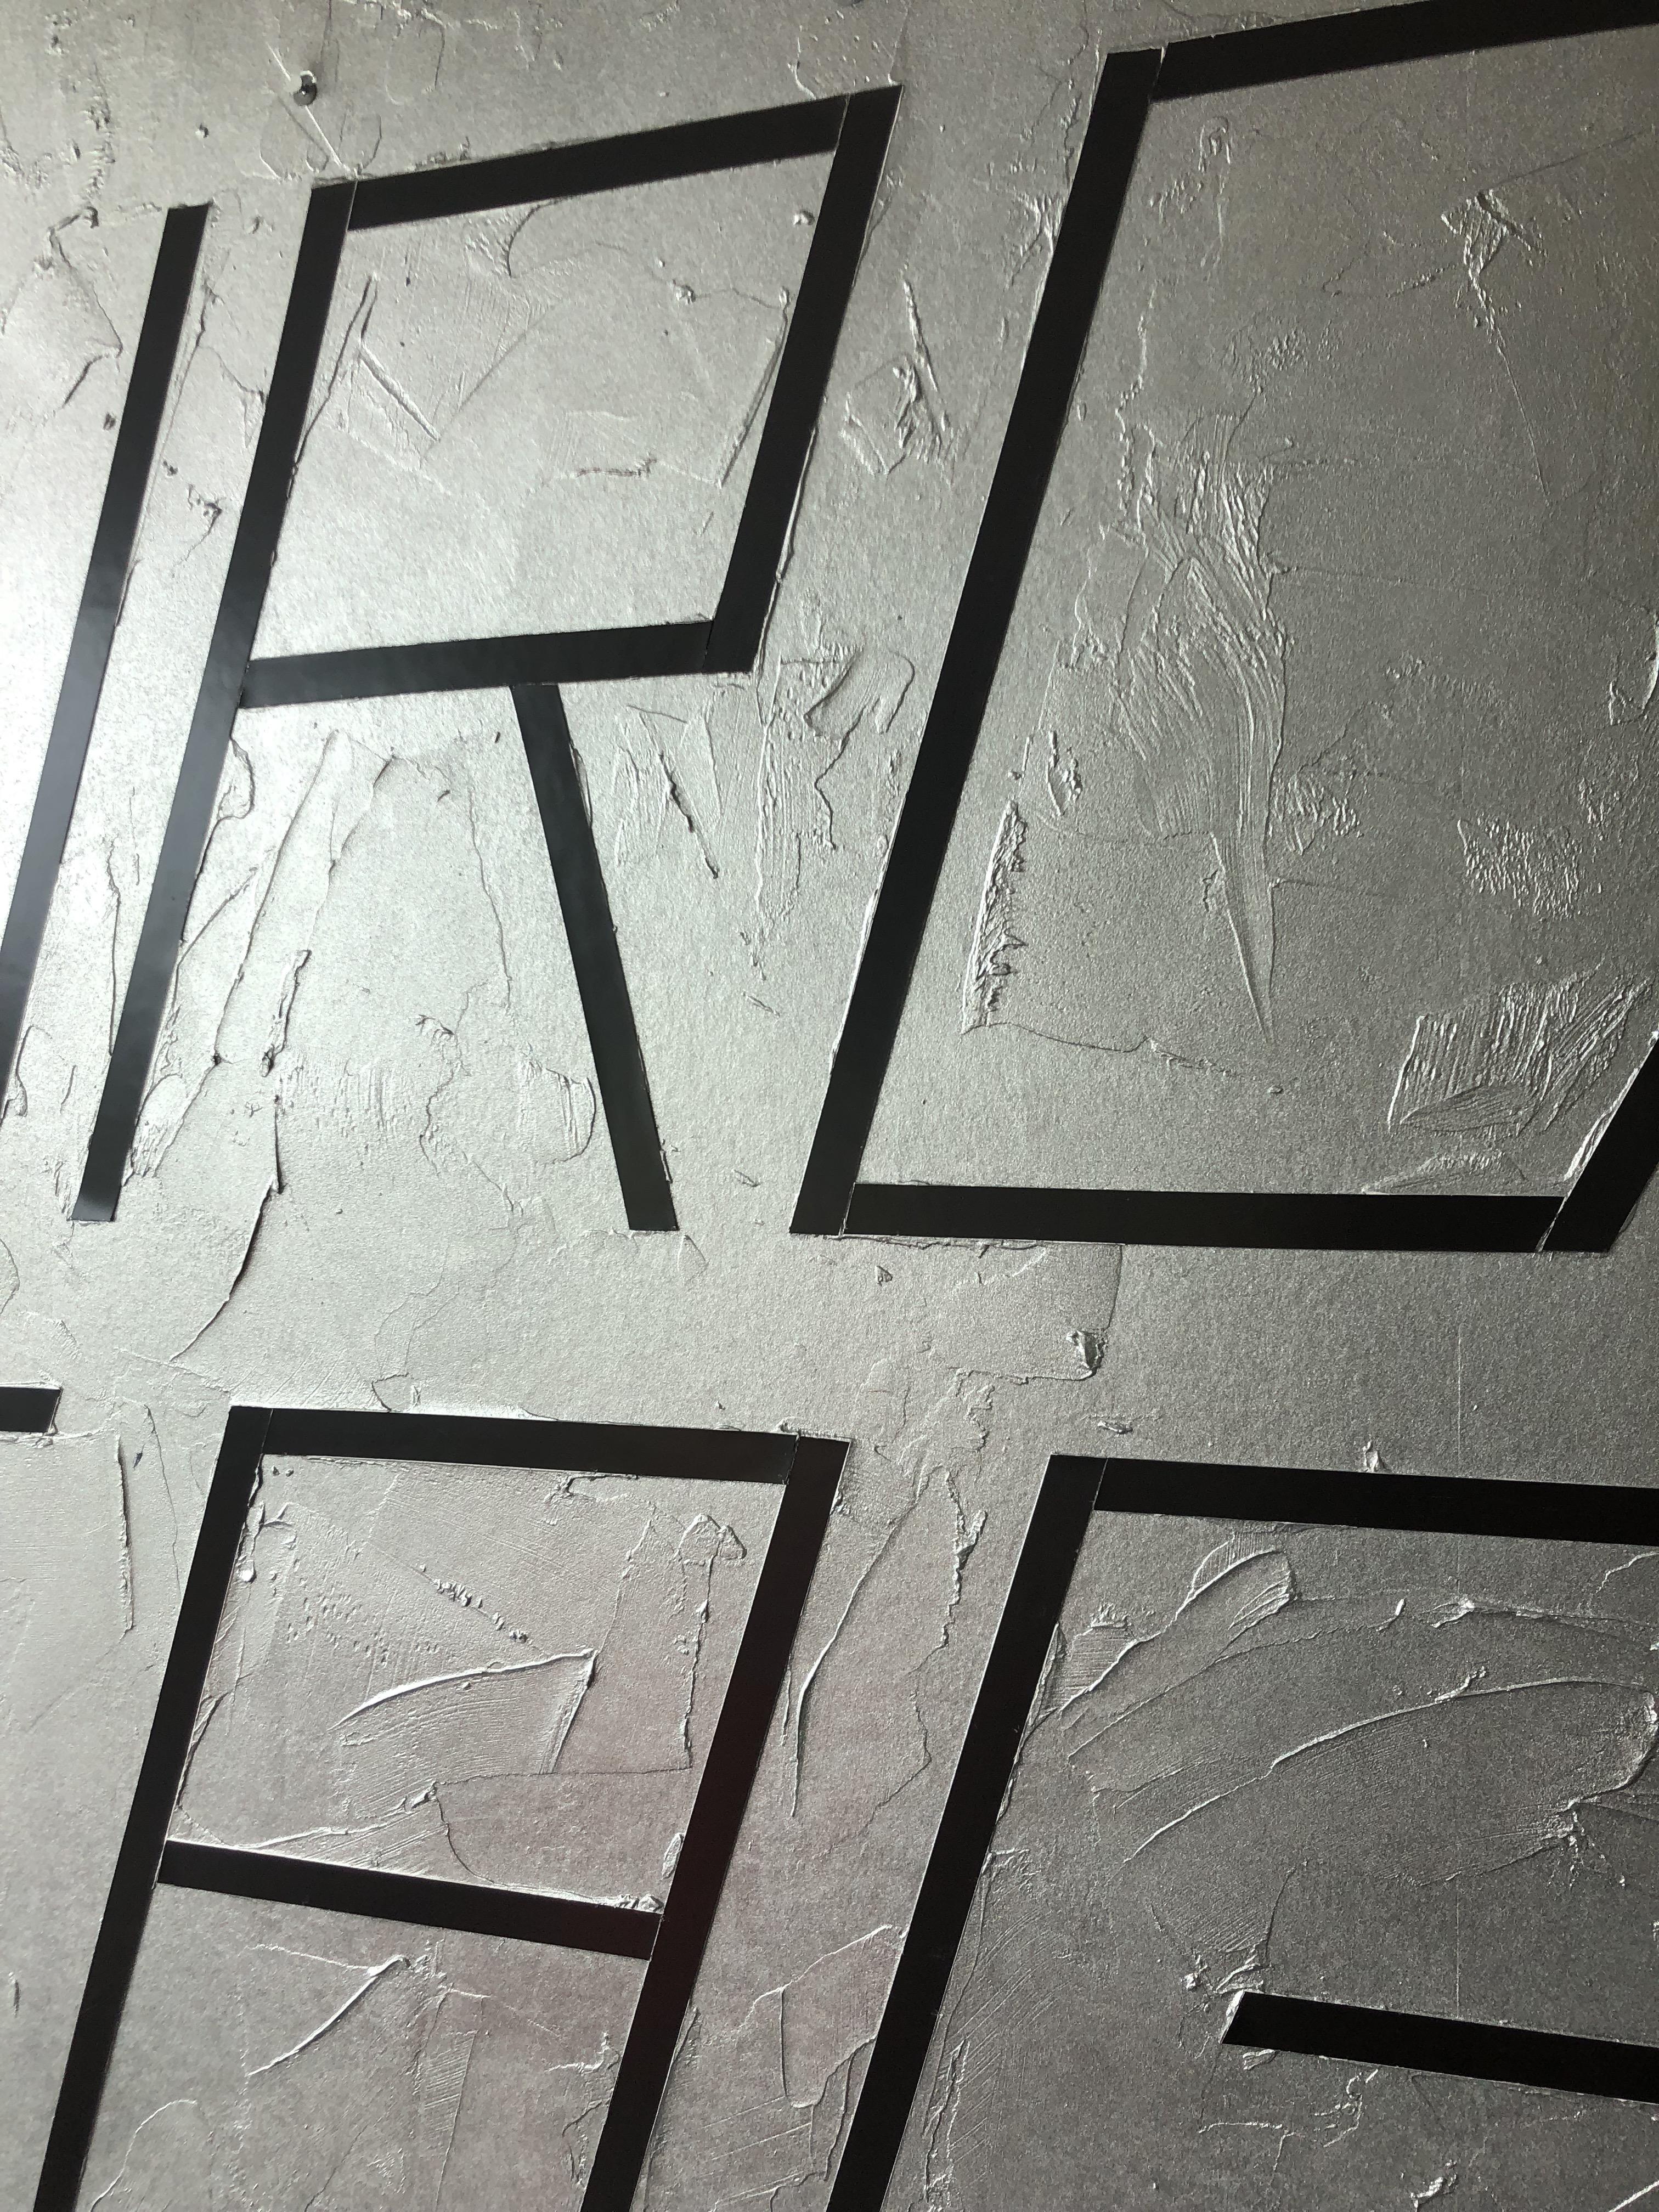 BIRDCAGE – Wandgestaltung: Strukturierte Wand in Silber und eingearbeitete Magnetstreifen